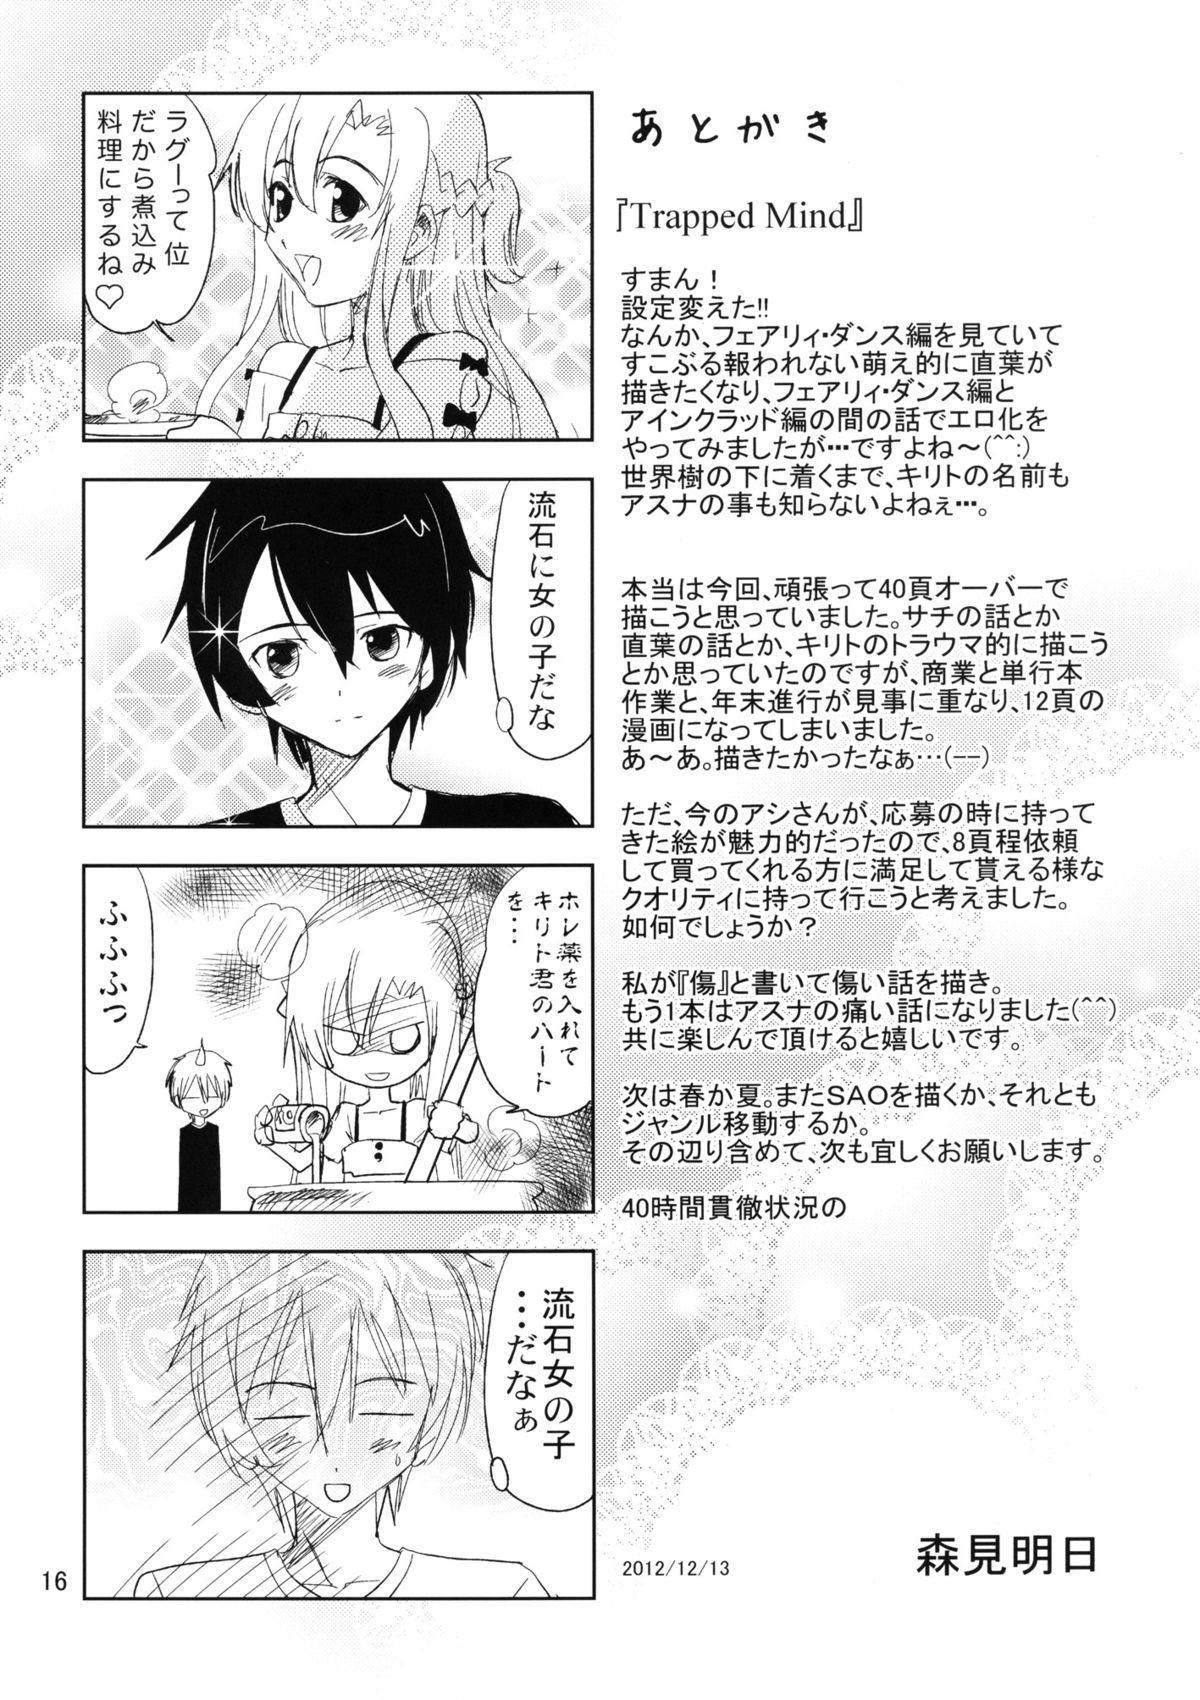 Toraware no Kokoro 15